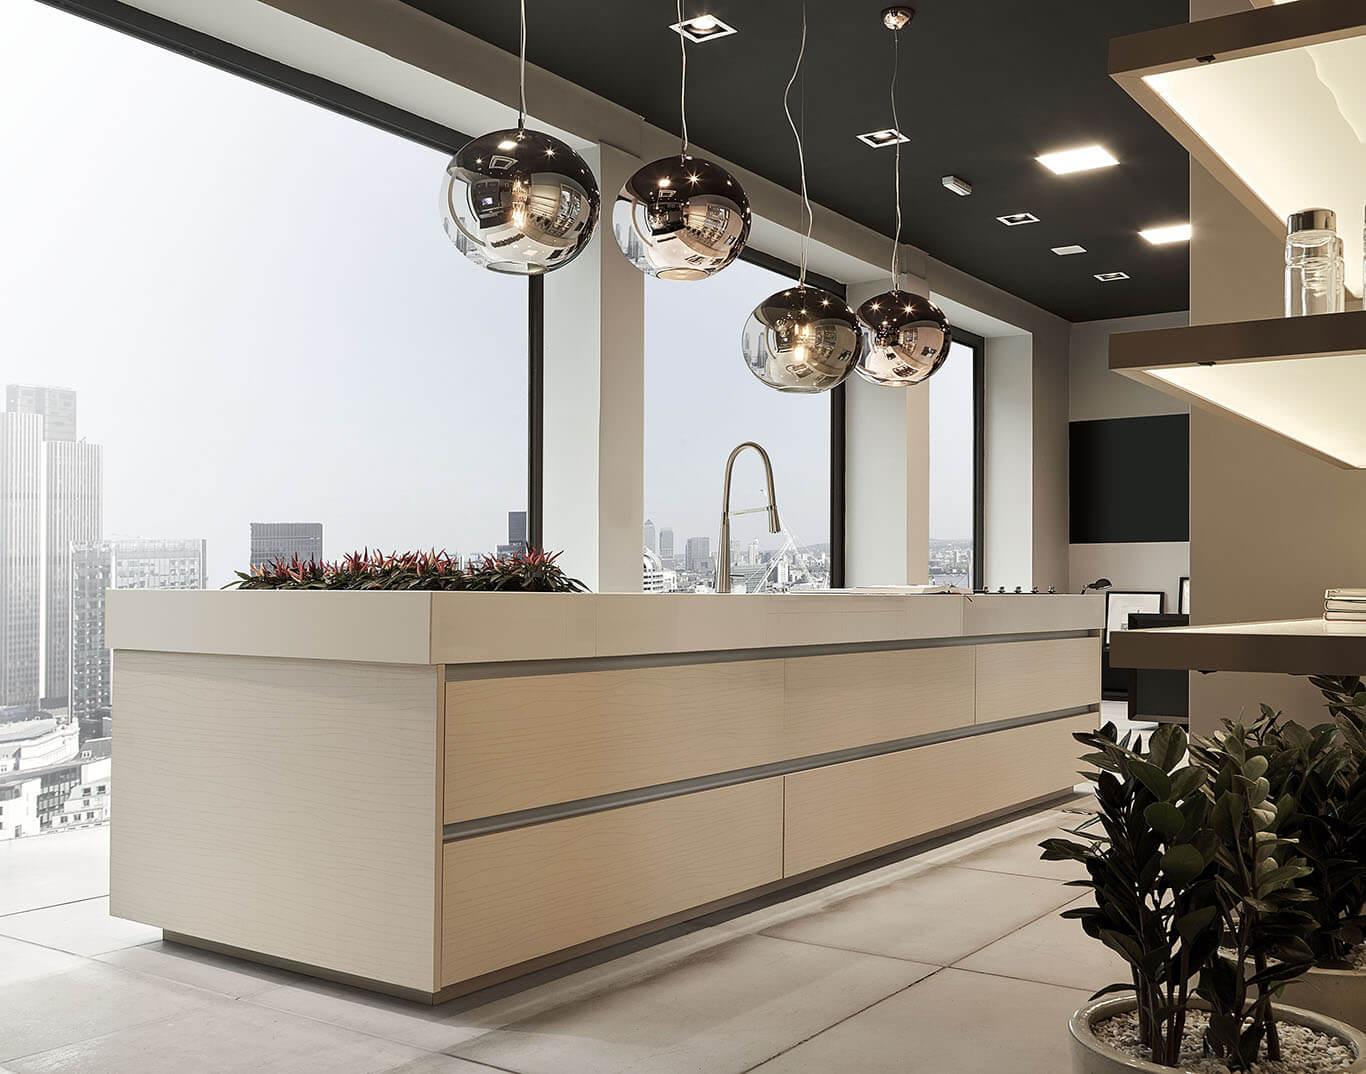 Dell Anno - Cozinha Ideias e Projetos18